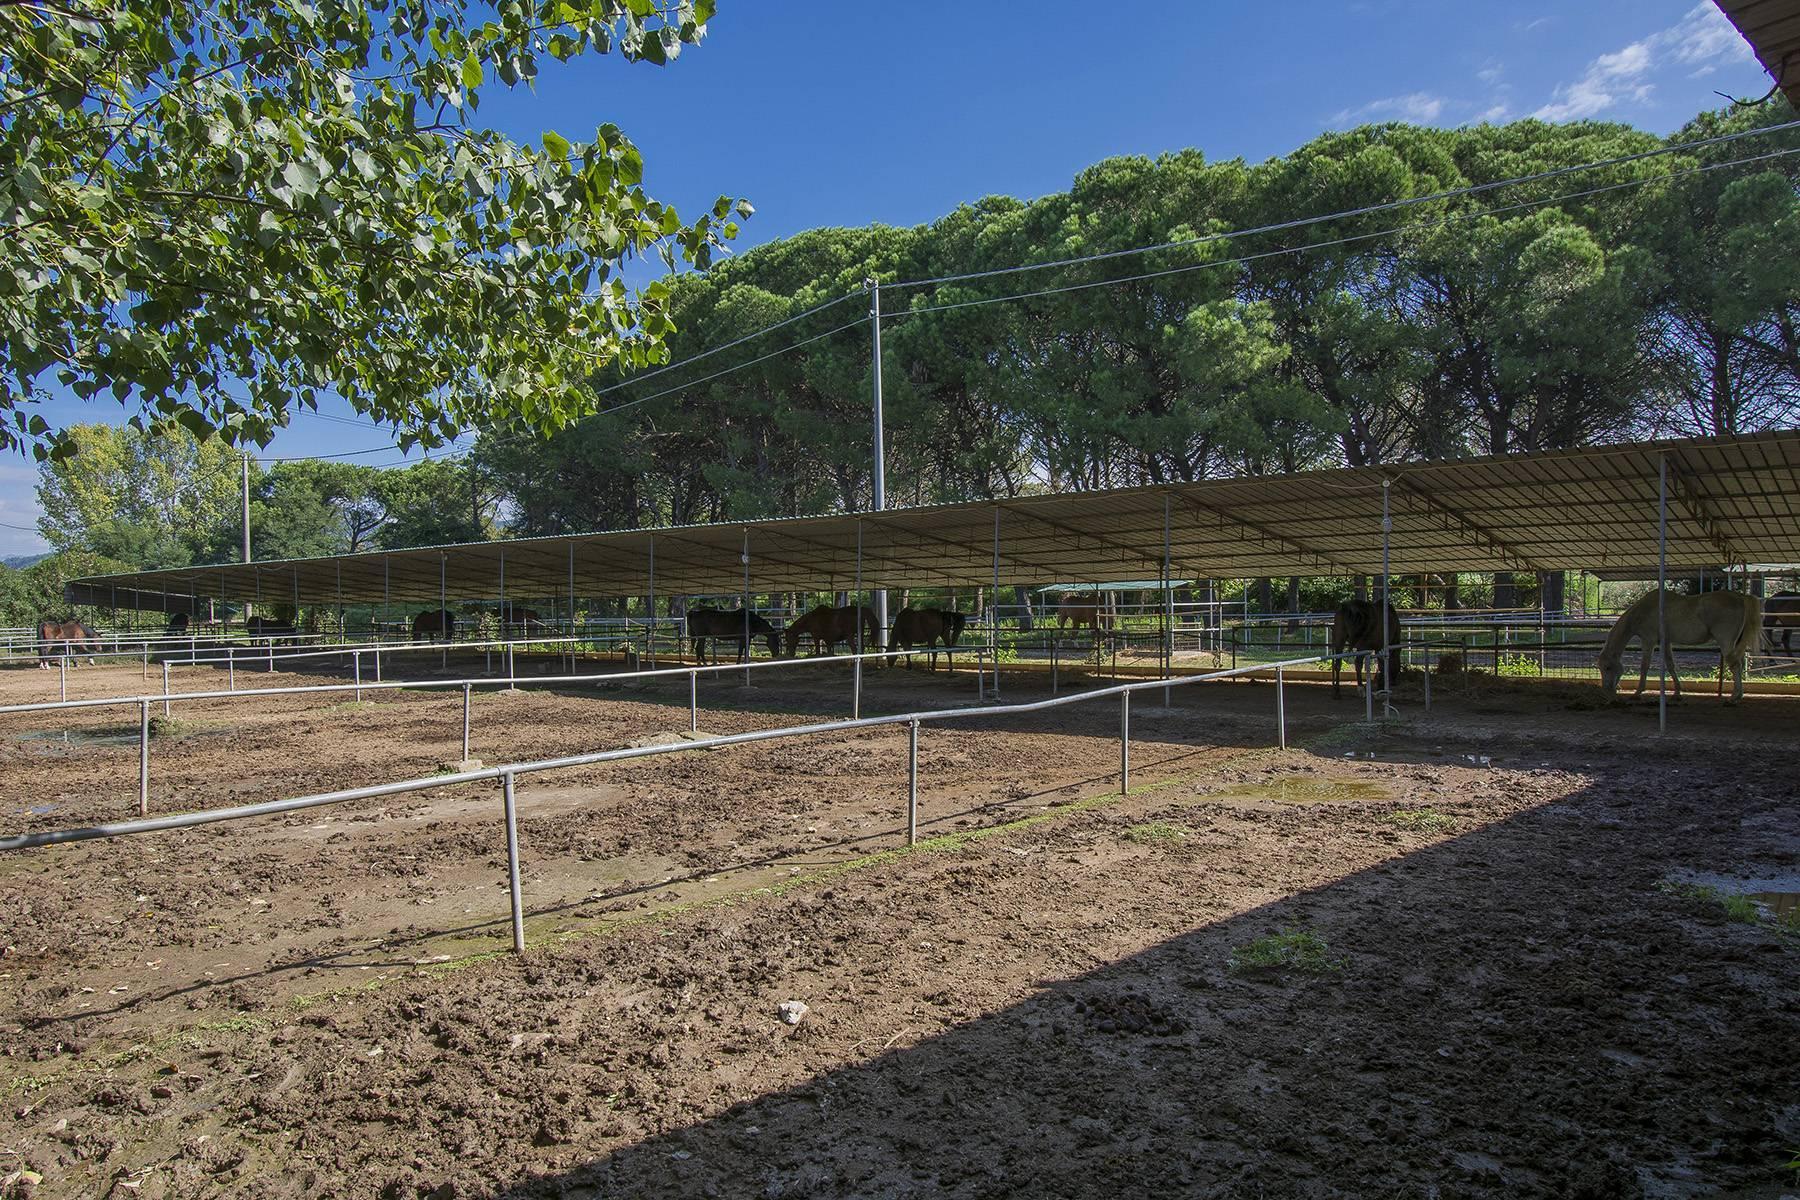 Bauernhaus mit Reitschule auf dem toskanischen Landschaft - 19